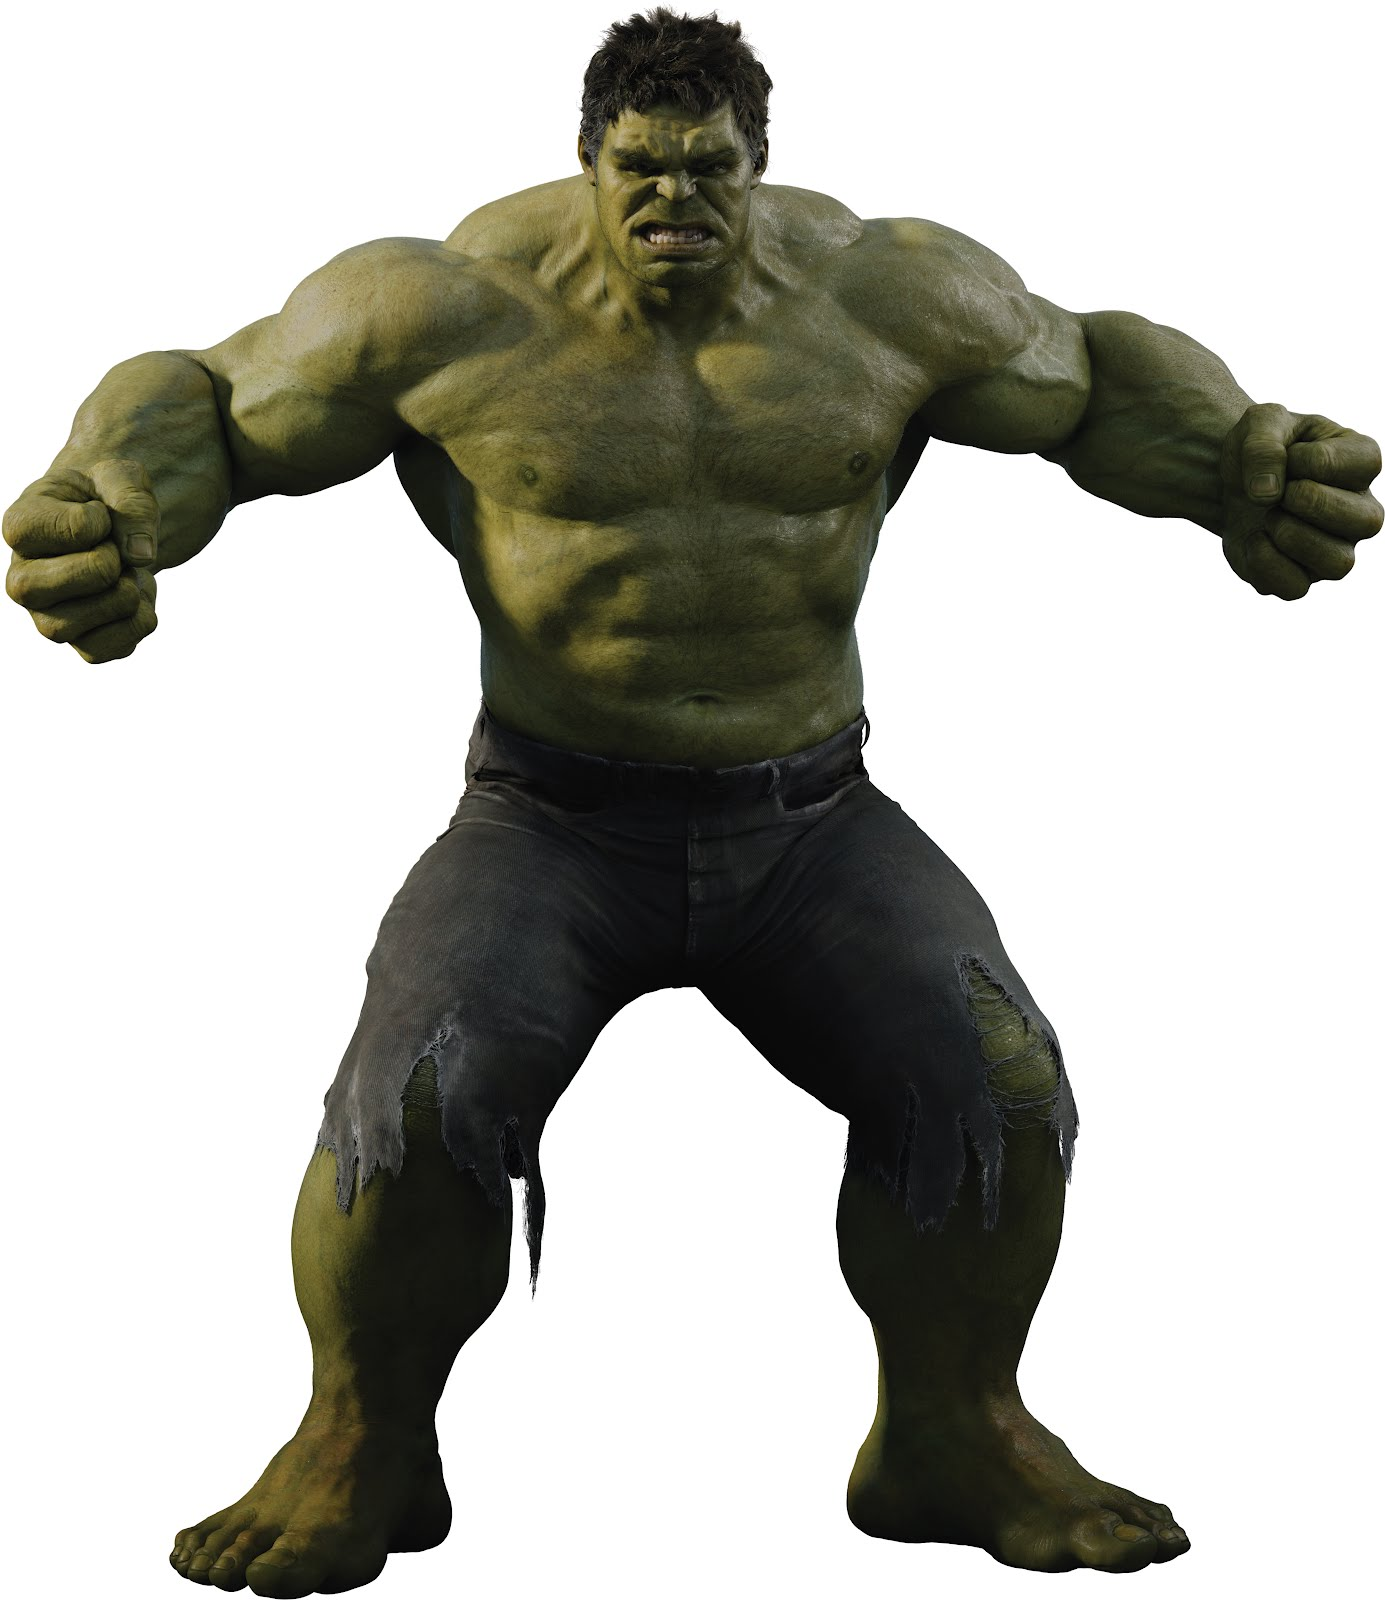 dibujos ideia criativa hulk desenho os vingadores colorido